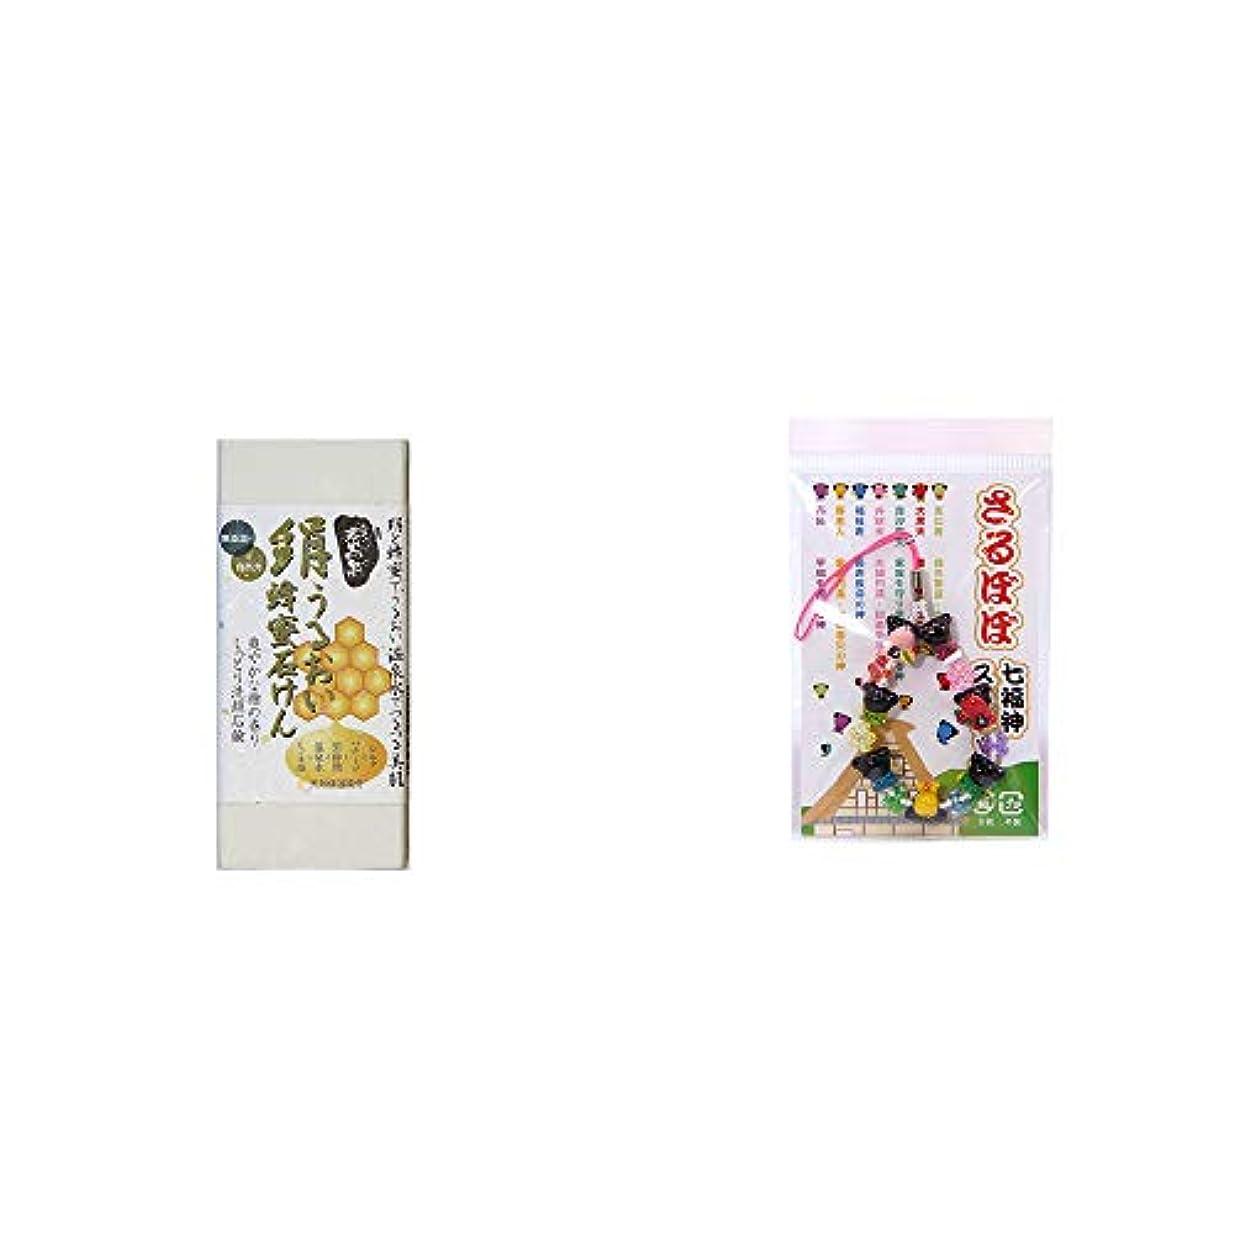 北フライカイト震える[2点セット] ひのき炭黒泉 絹うるおい蜂蜜石けん(75g×2)?さるぼぼ七福神ストラップ/縁結び?魔除け //